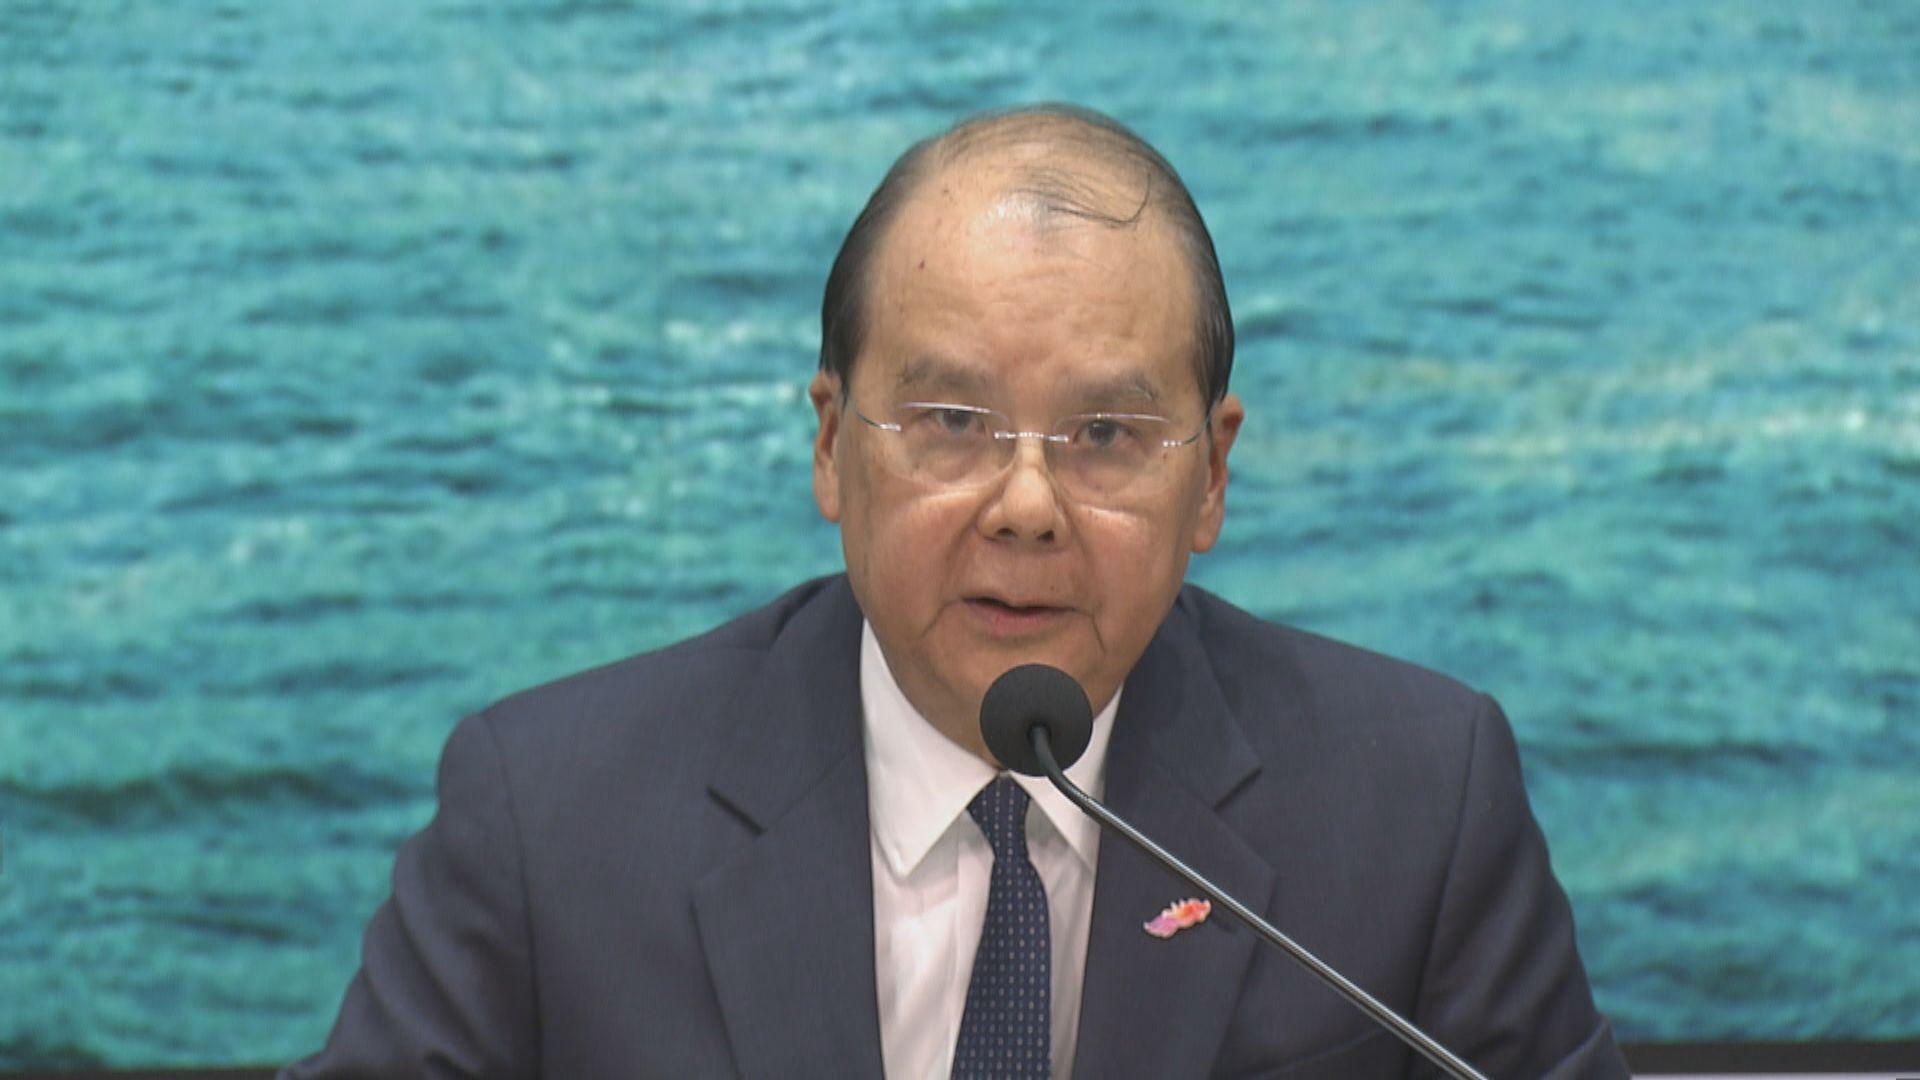 張建宗譴責示威者暴力升級 挑戰國家權威